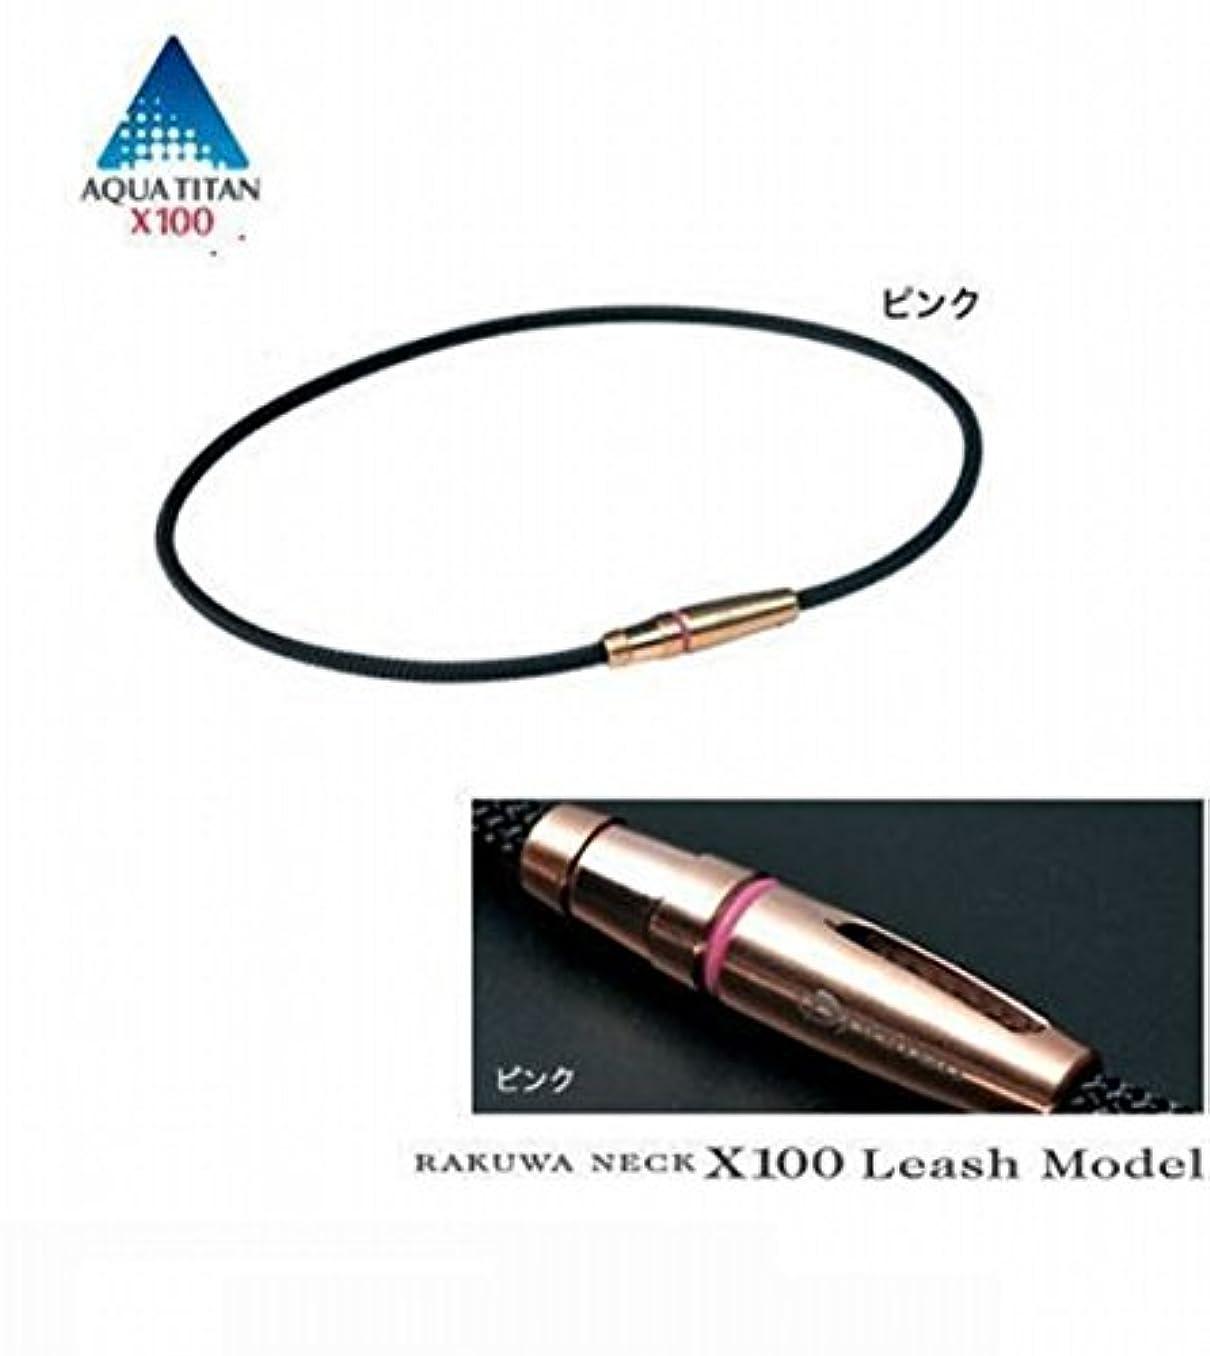 福祉情熱的執着ファイテン RAKUWAネックX100 リーシュモデル 50cm ピンク 2本セット